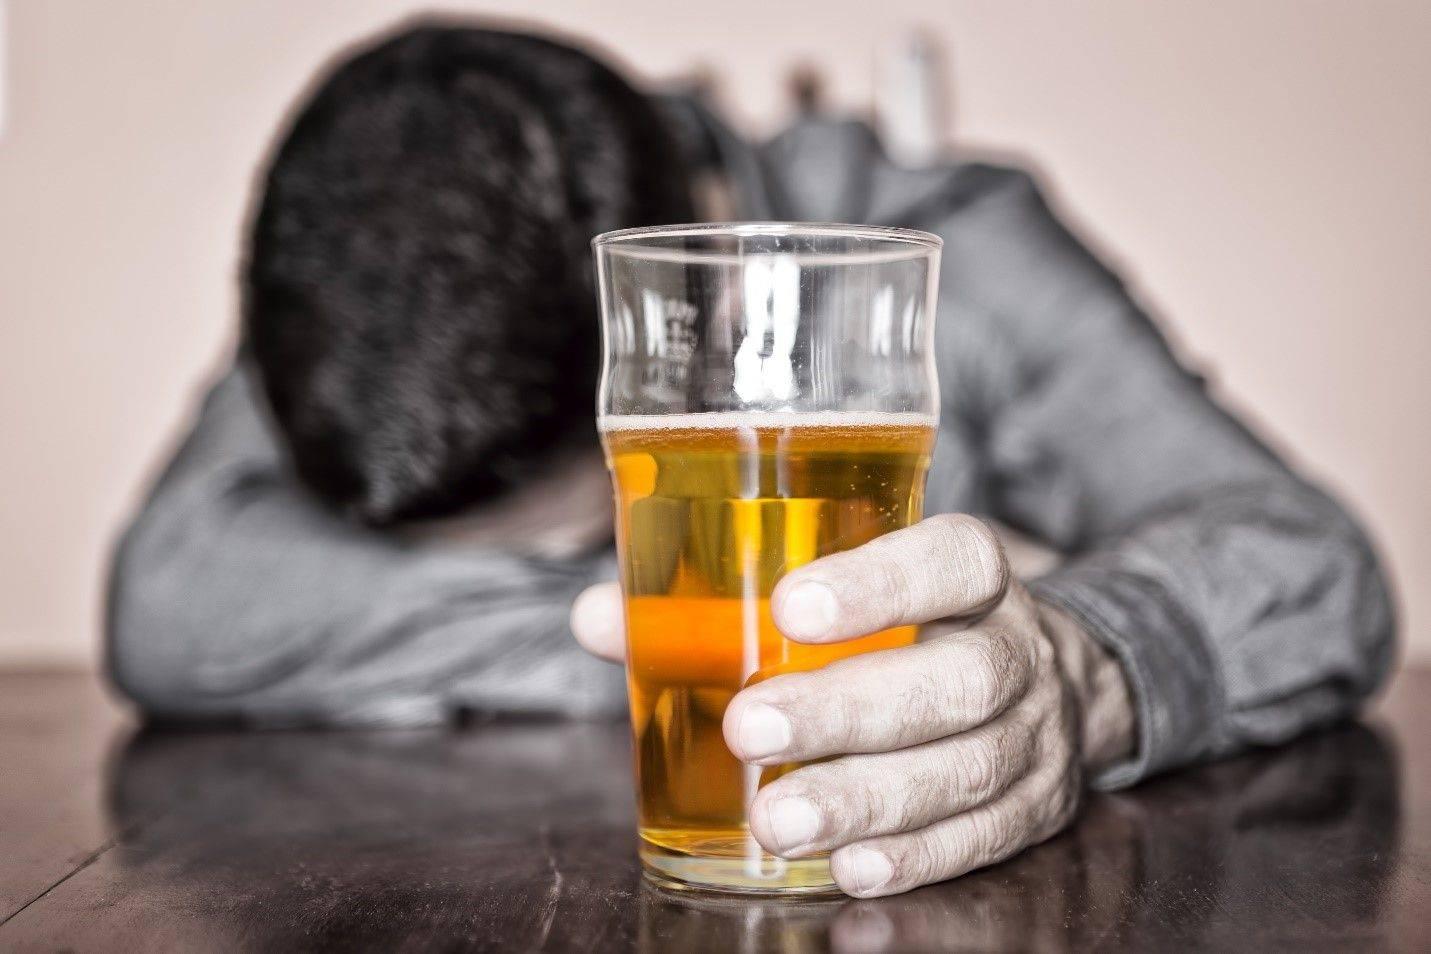 Что будет, если закодировался и выпил алкоголь